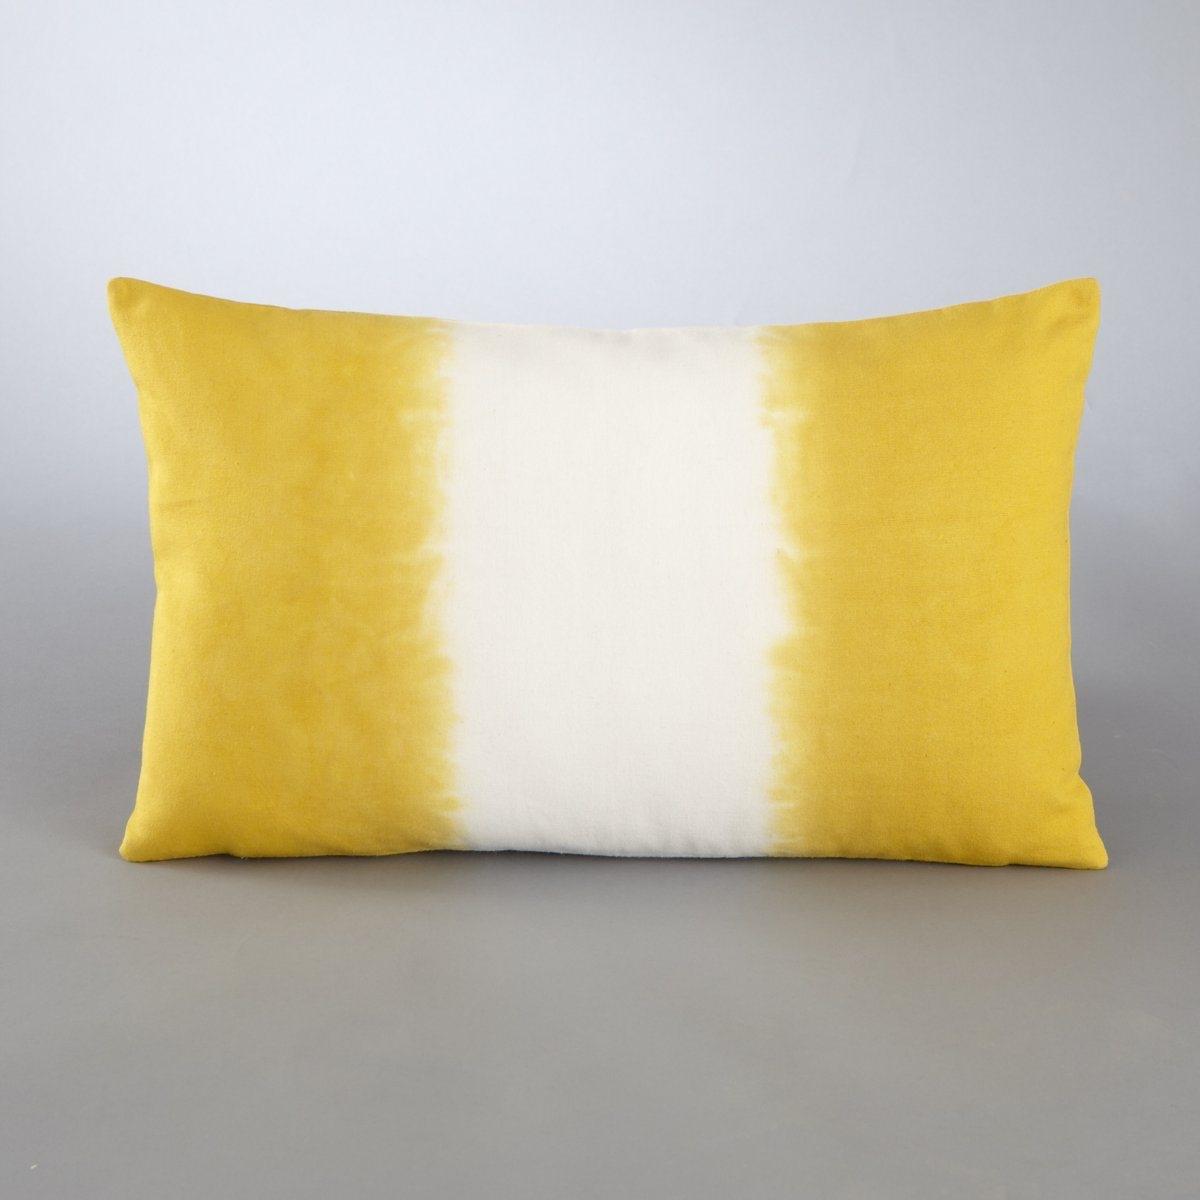 Чехол для подушкиЧехол для подушки Tonin. Оригинальная расцветка tye&amp;dye! Рисунок с обеих сторон. Скрытая застежка на молнию в тон сзади. Стирка при 30°. 100% хлопка. Размер: 50 х 30 см.<br><br>Цвет: желтый горчичный/белый,индиго/белый